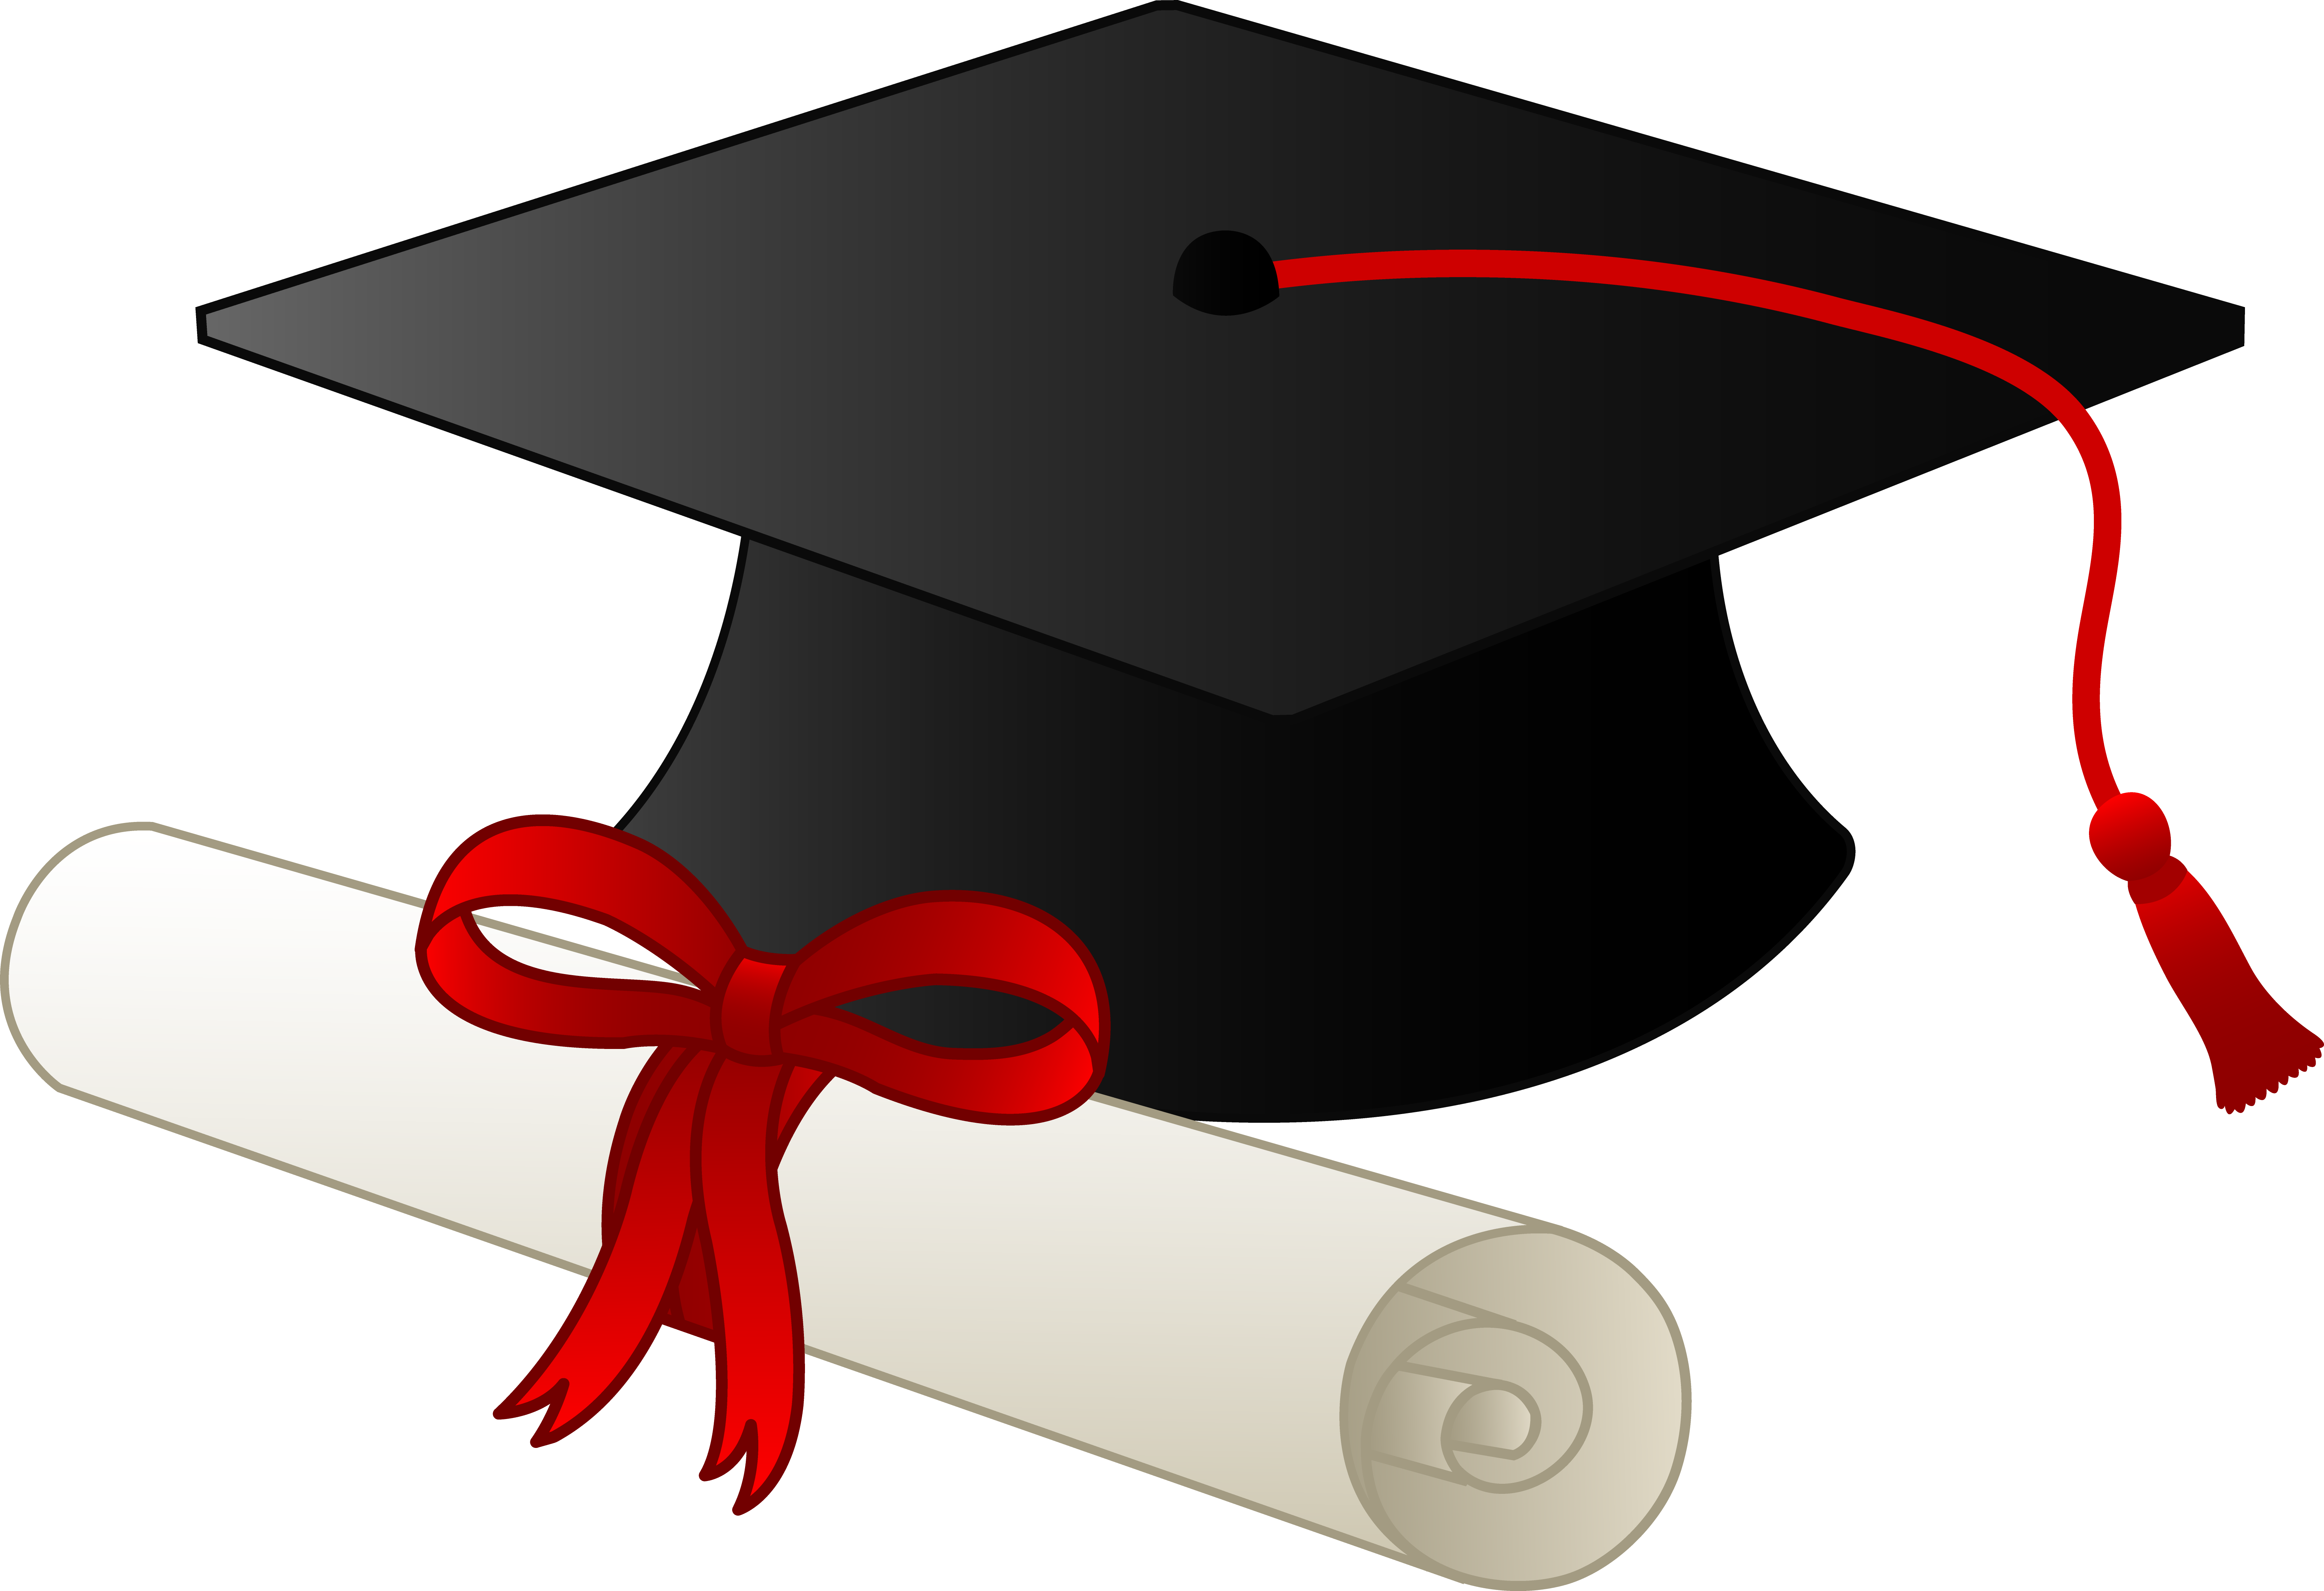 78  ideas about Graduation Cap Clipart on Pinterest | Graduation cards, Silhouettes and Silhouette online store